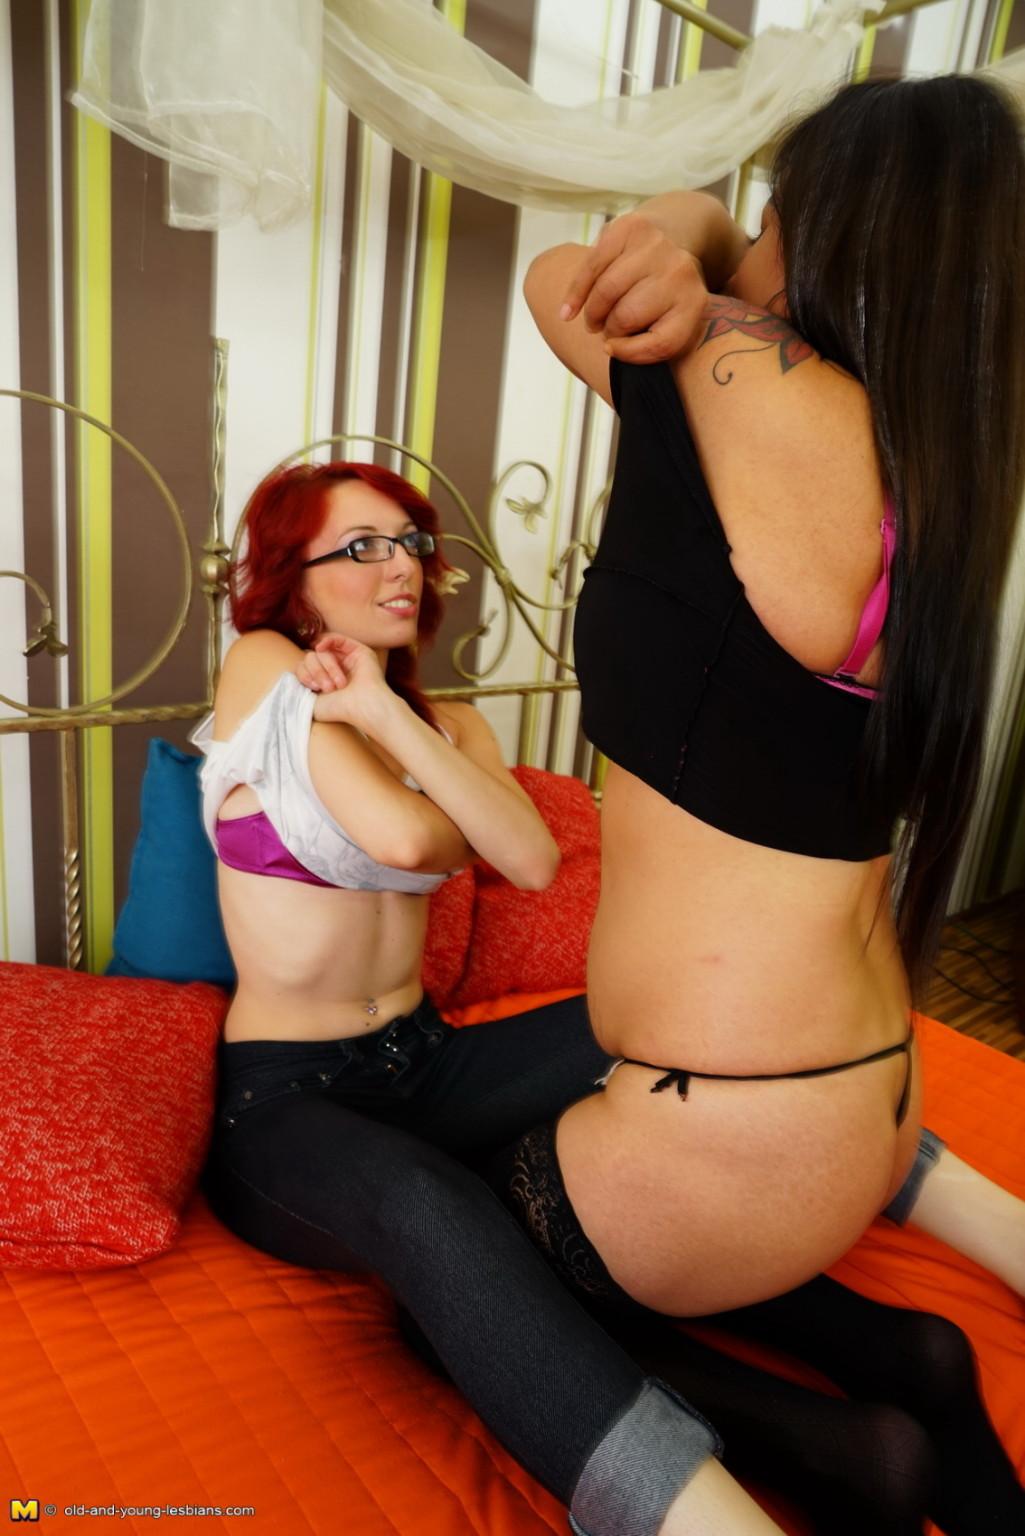 Молодая девушка с удовольствием доверяет свое тело опытной даме в теле, ей нравятся ее умелые действия